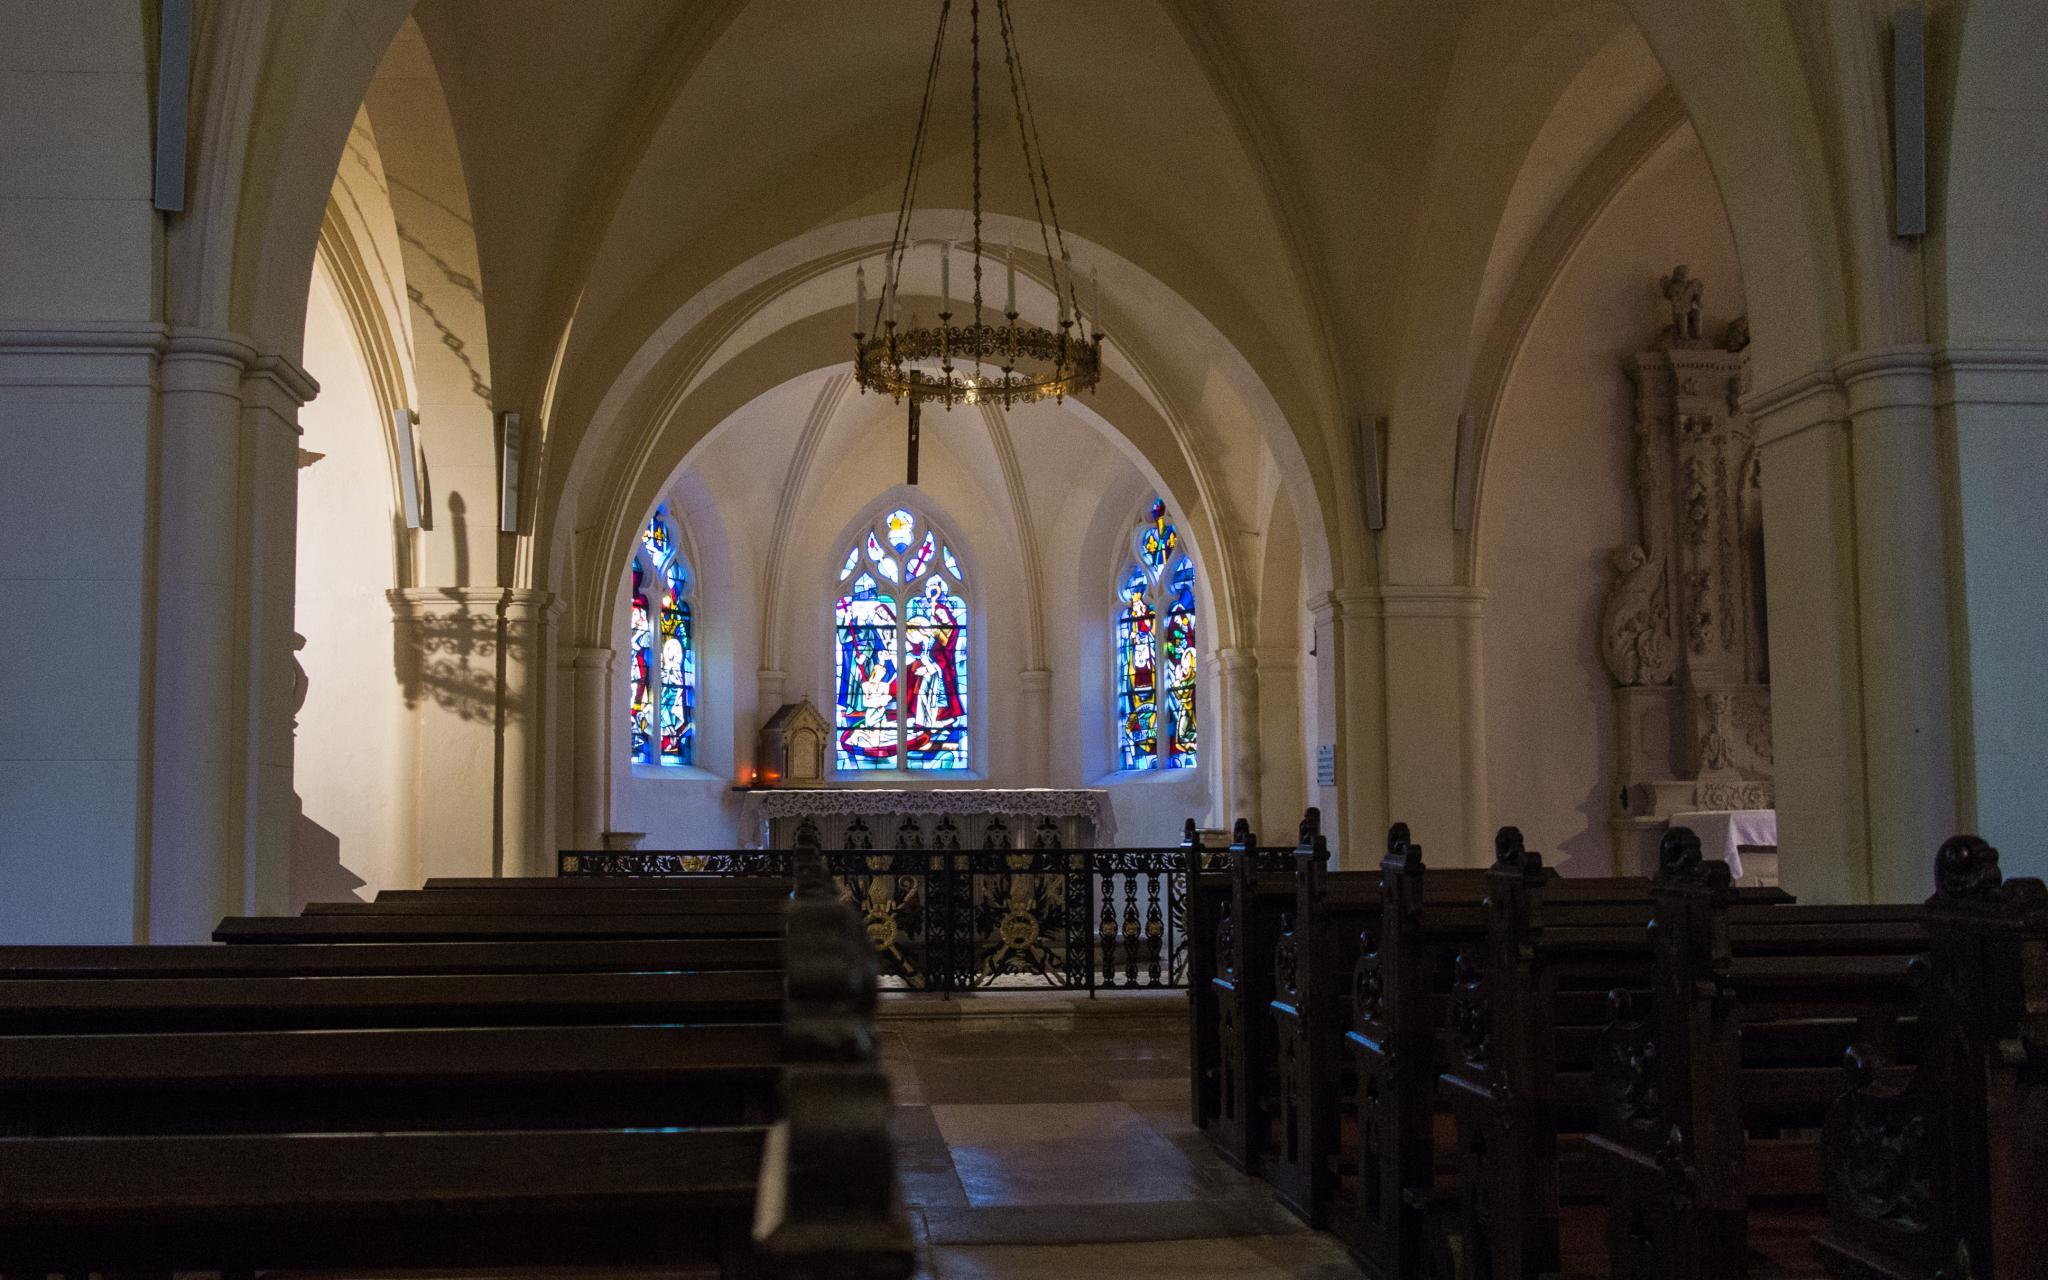 Jakobsweg Domremy La Pucelle Kirche Innenraum